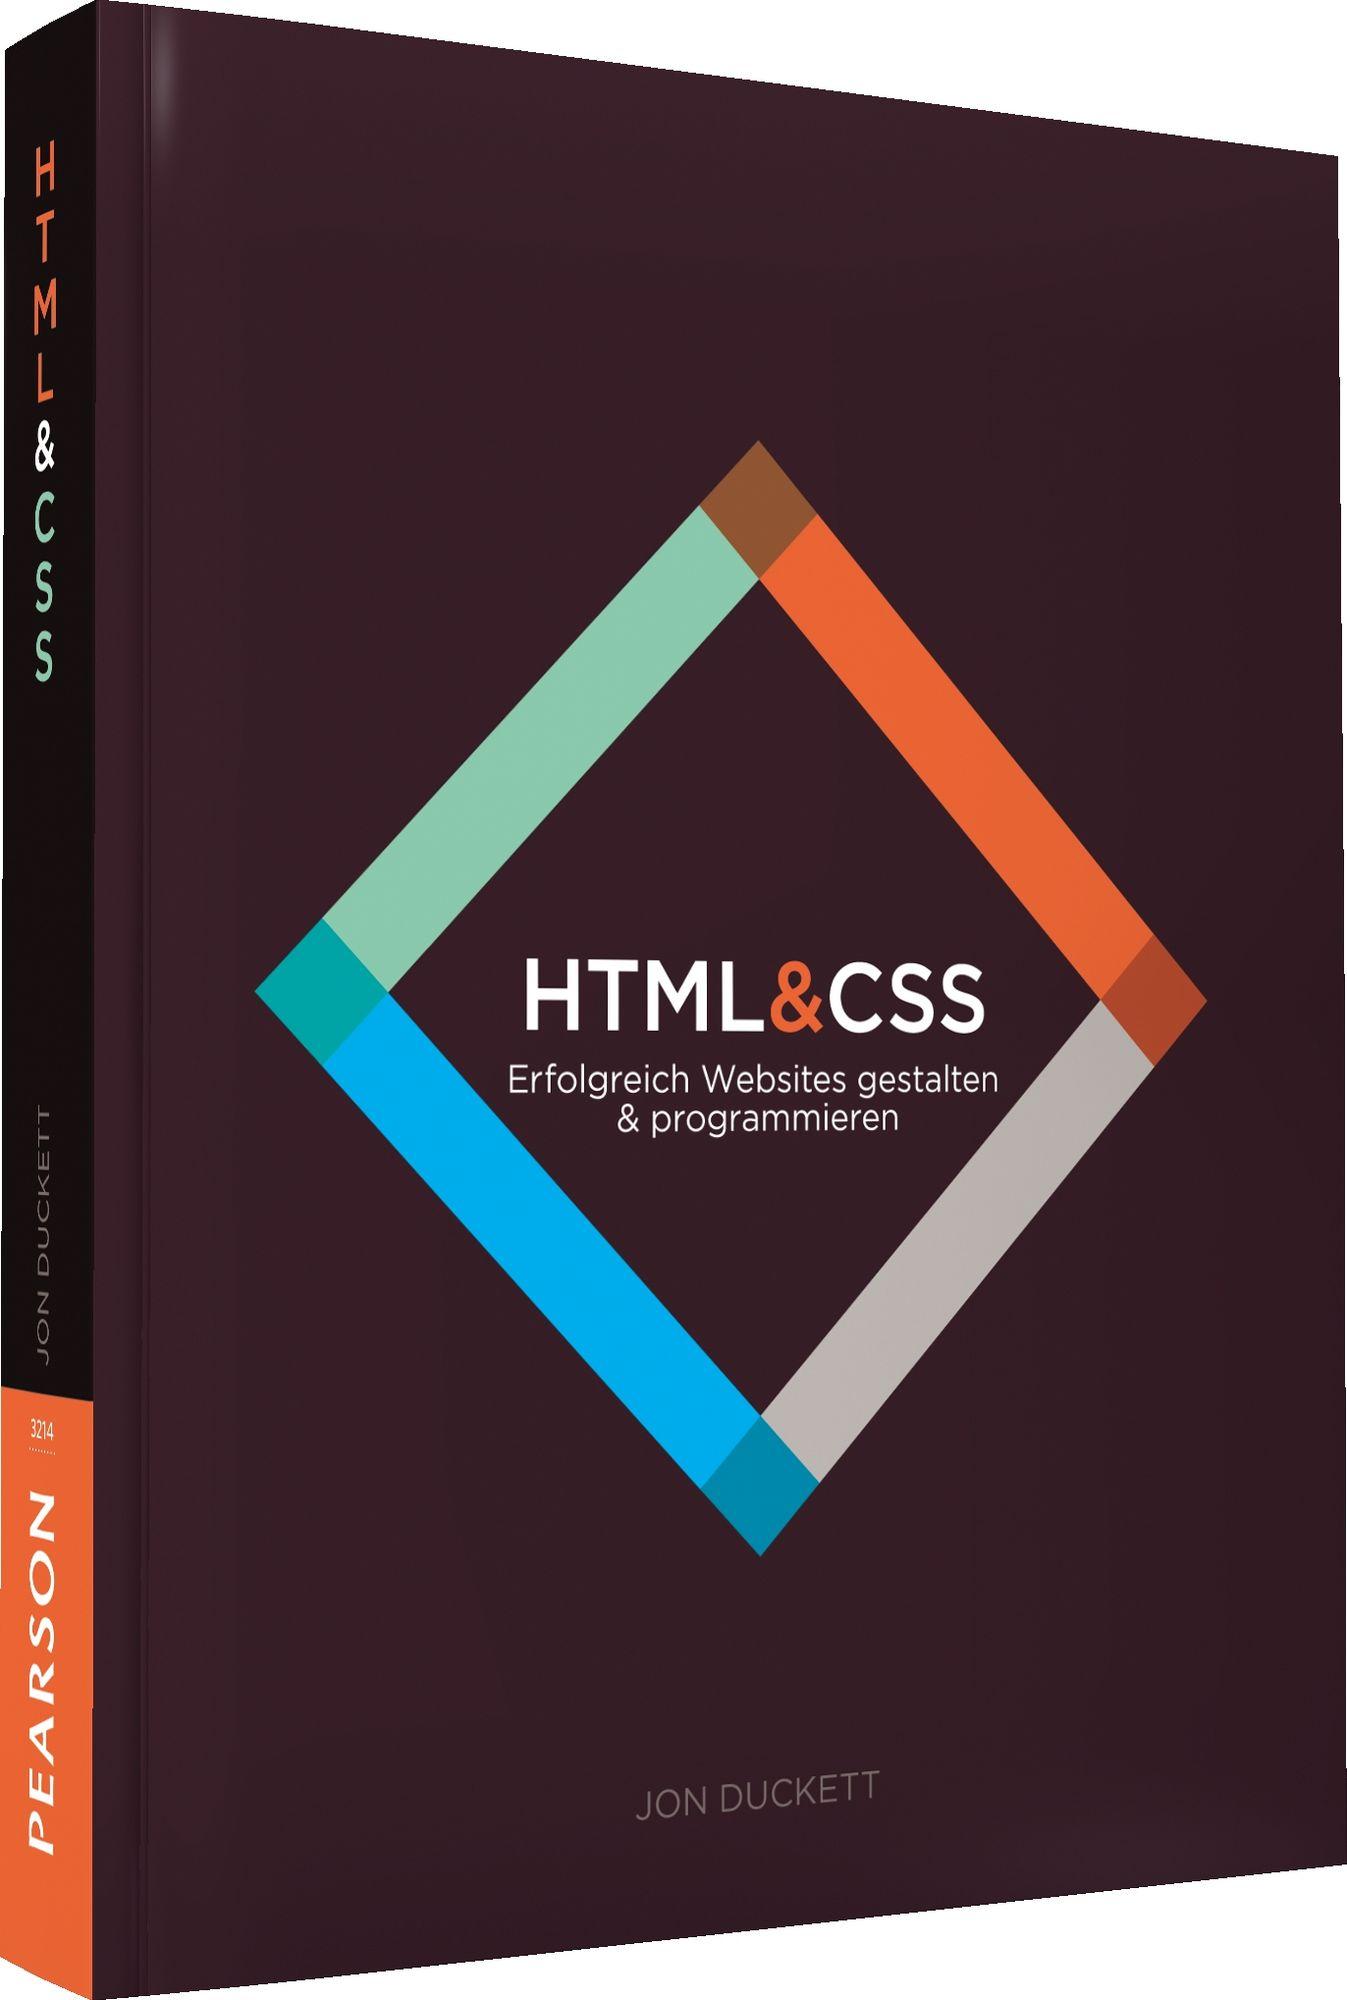 HTML & CSS - Erfolgreich Websites gestalten & p...